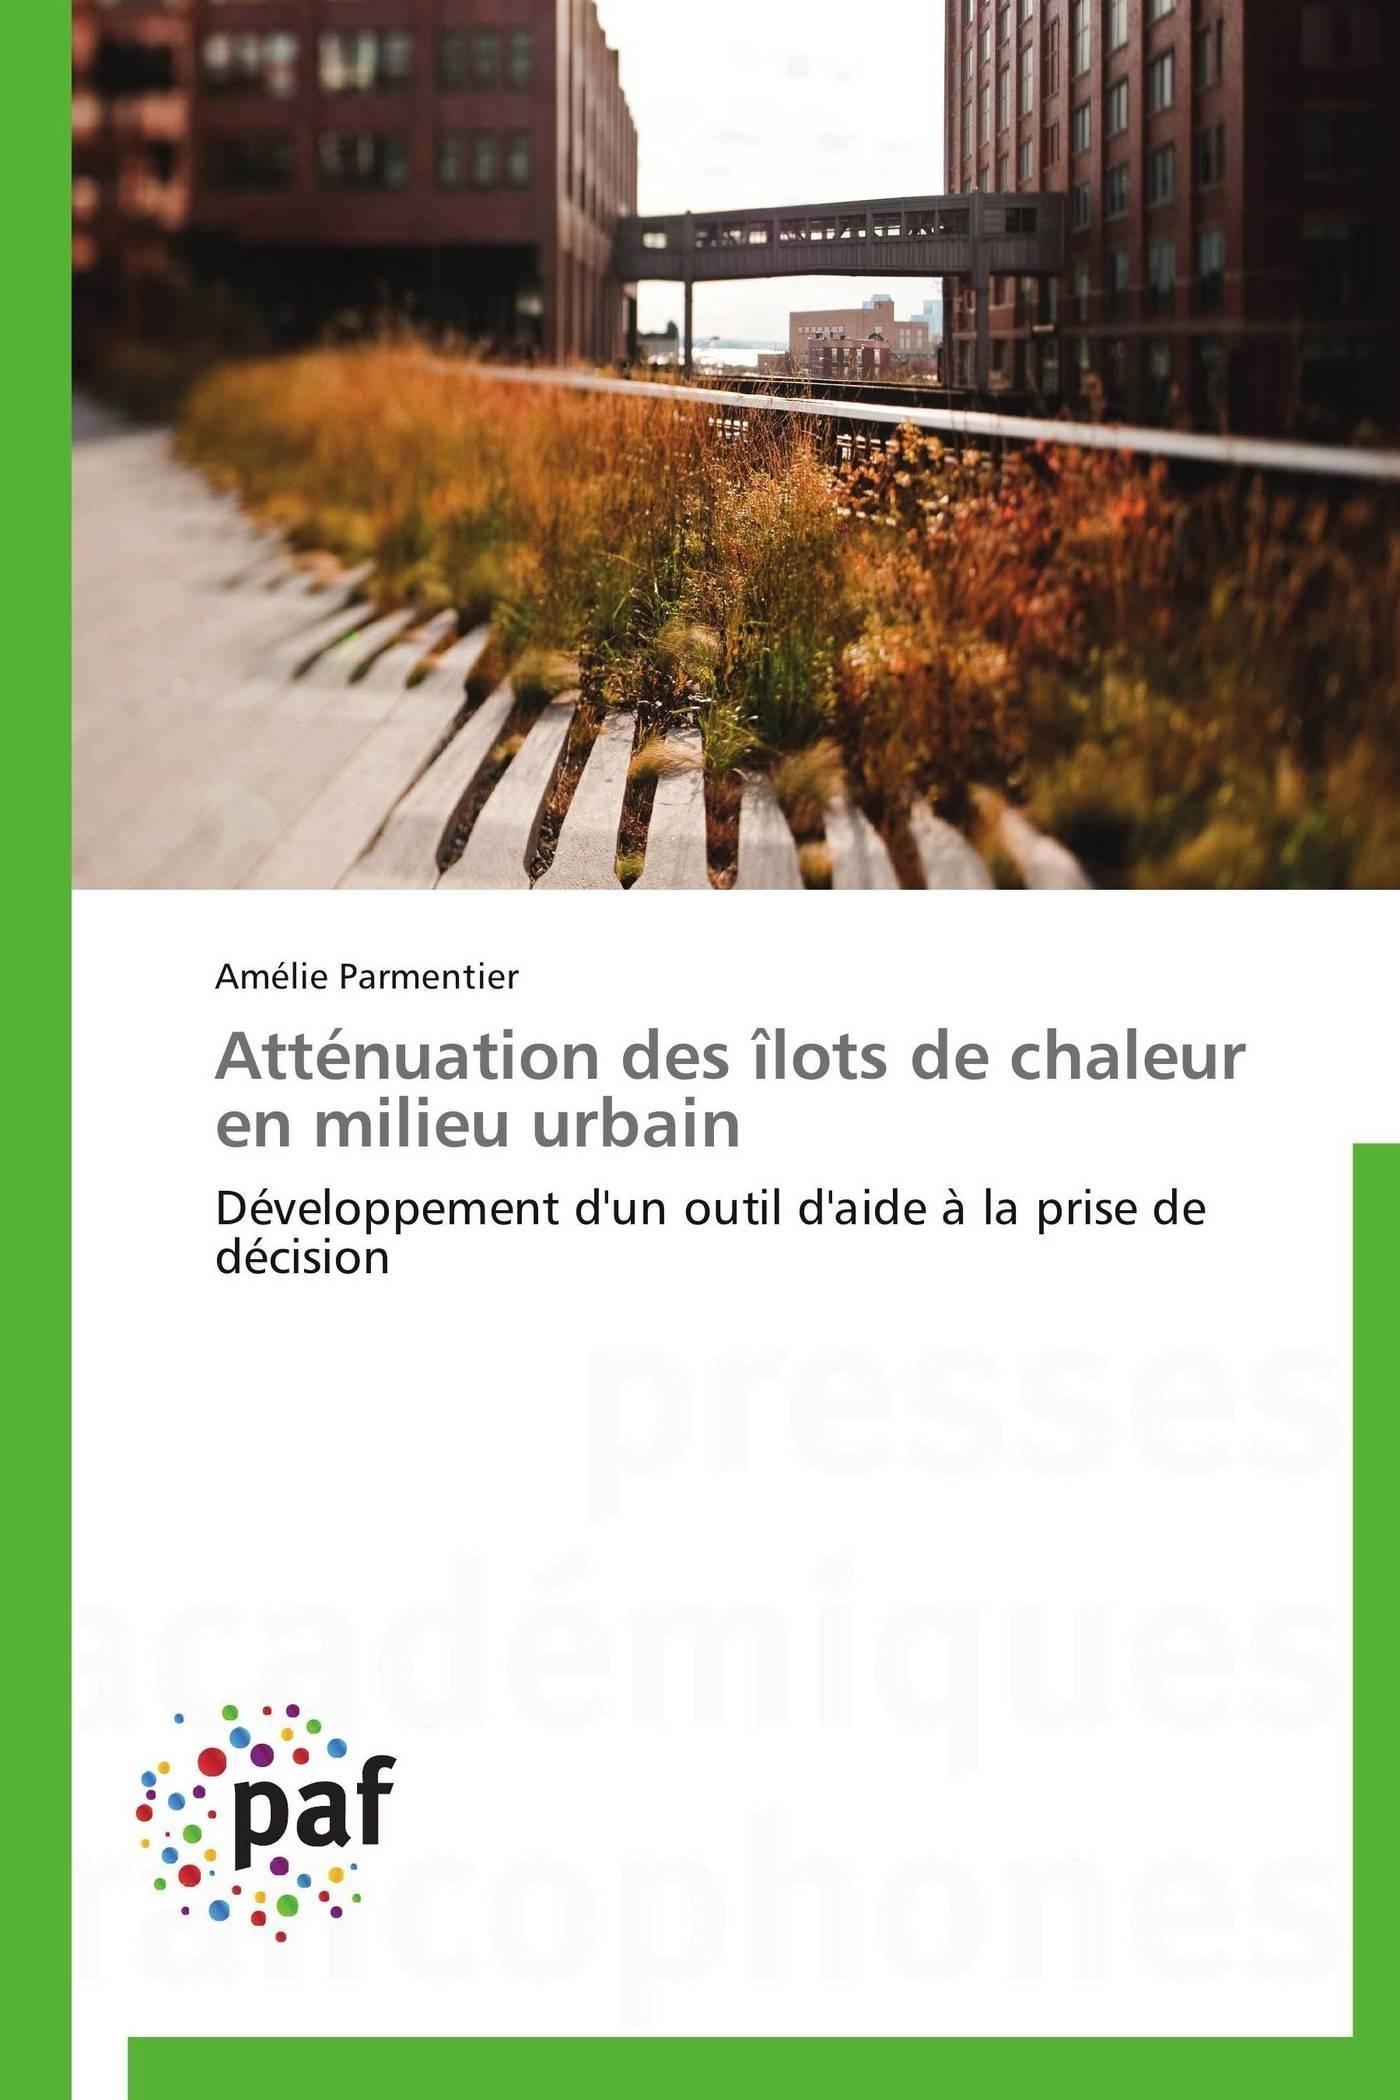 ATTENUATION DES ILOTS DE CHALEUR EN MILIEU URBAIN